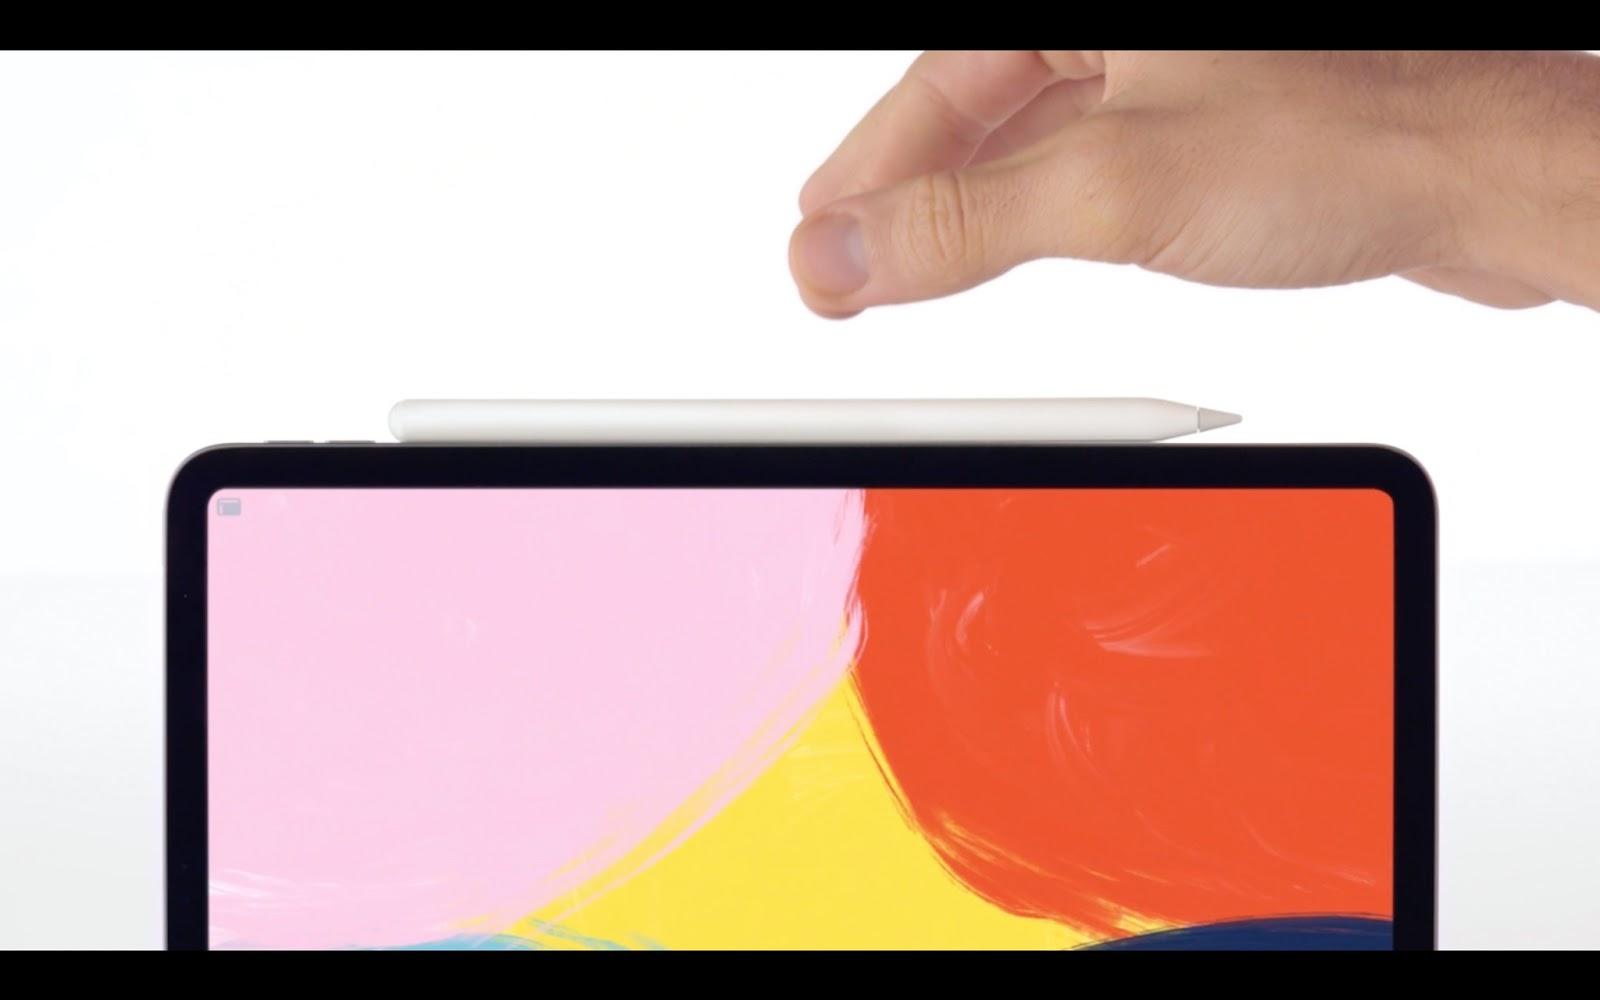 Đang tải iPad_2018-4.jpg…